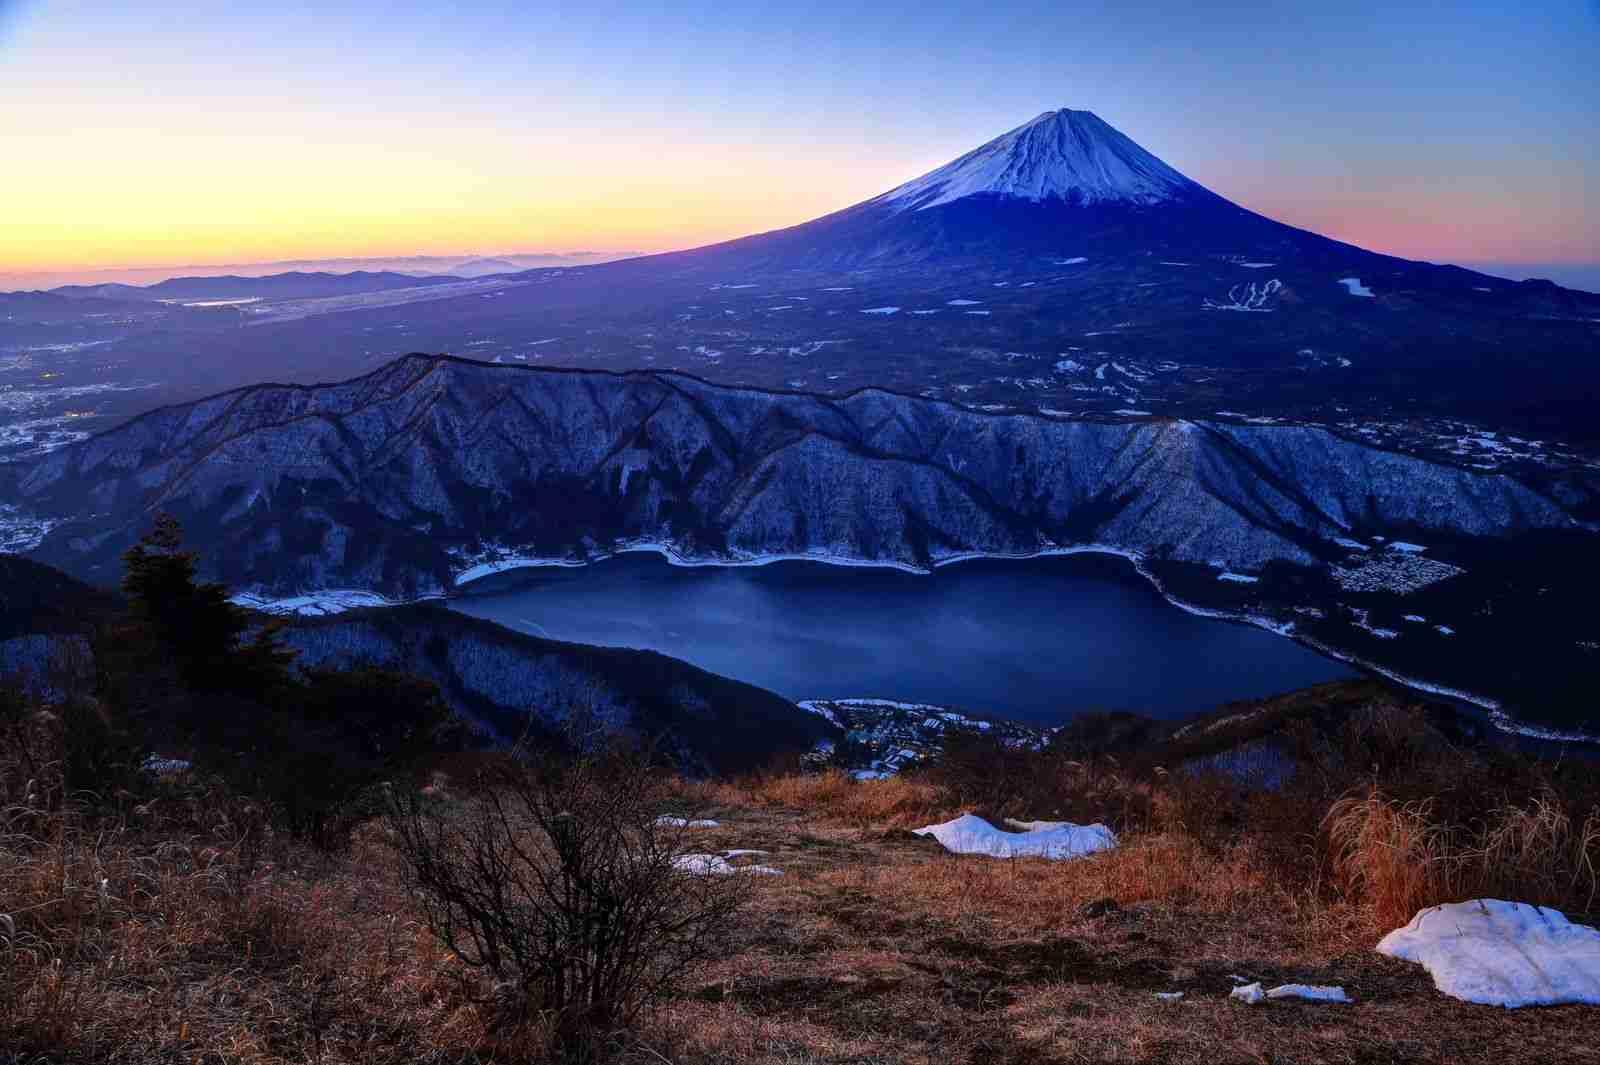 都内だとは思えない大自然が!東京都内の登山スポット15選!   RETRIP[リトリップ]